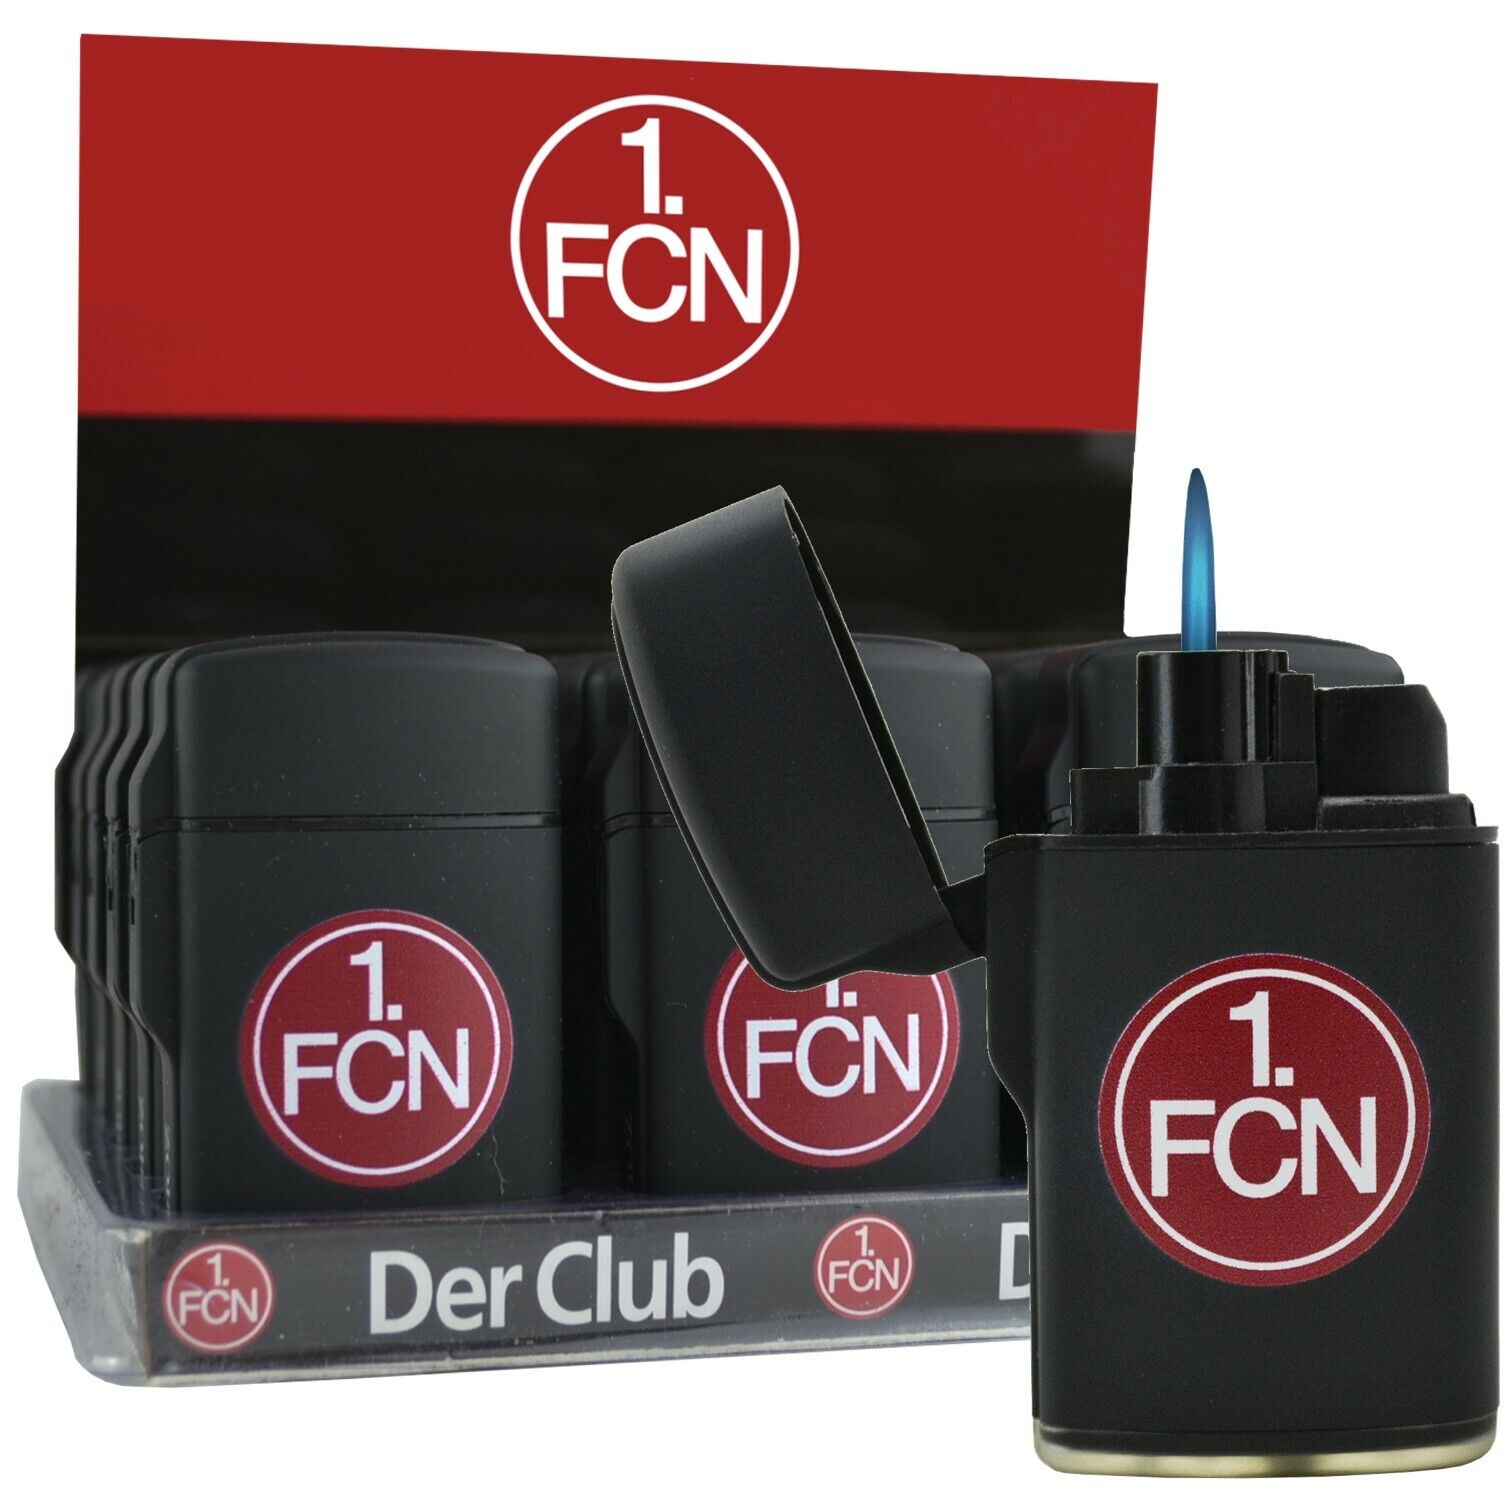 Feuerzeug 1 FC Nürnberg 3er oder 6er Set Elektronik Gasfeuerzeug Logo OVP FCN